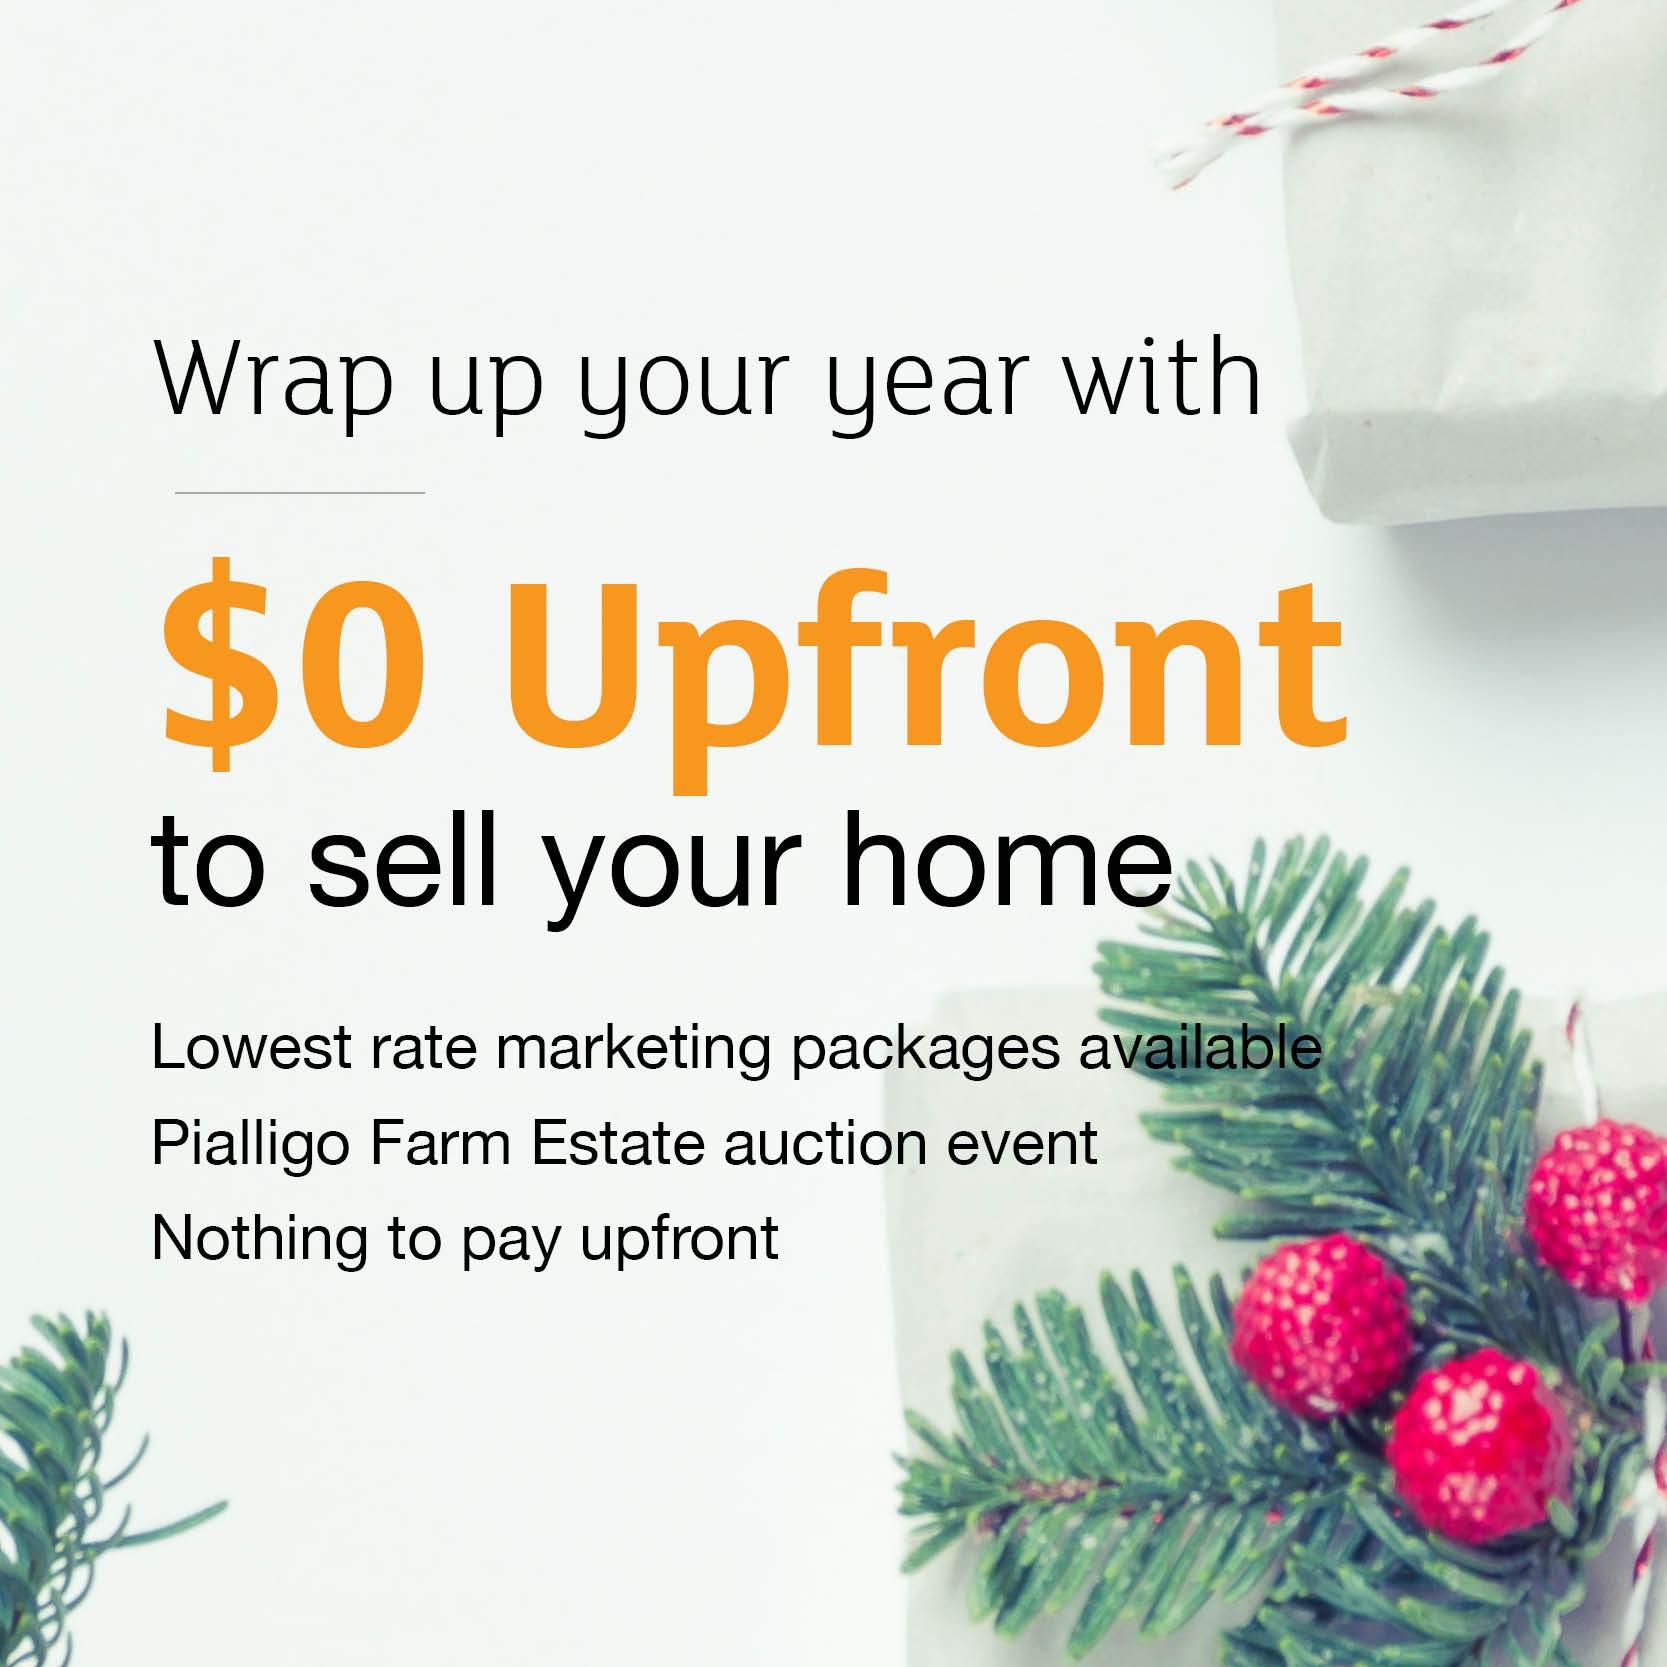 $0 Upfront